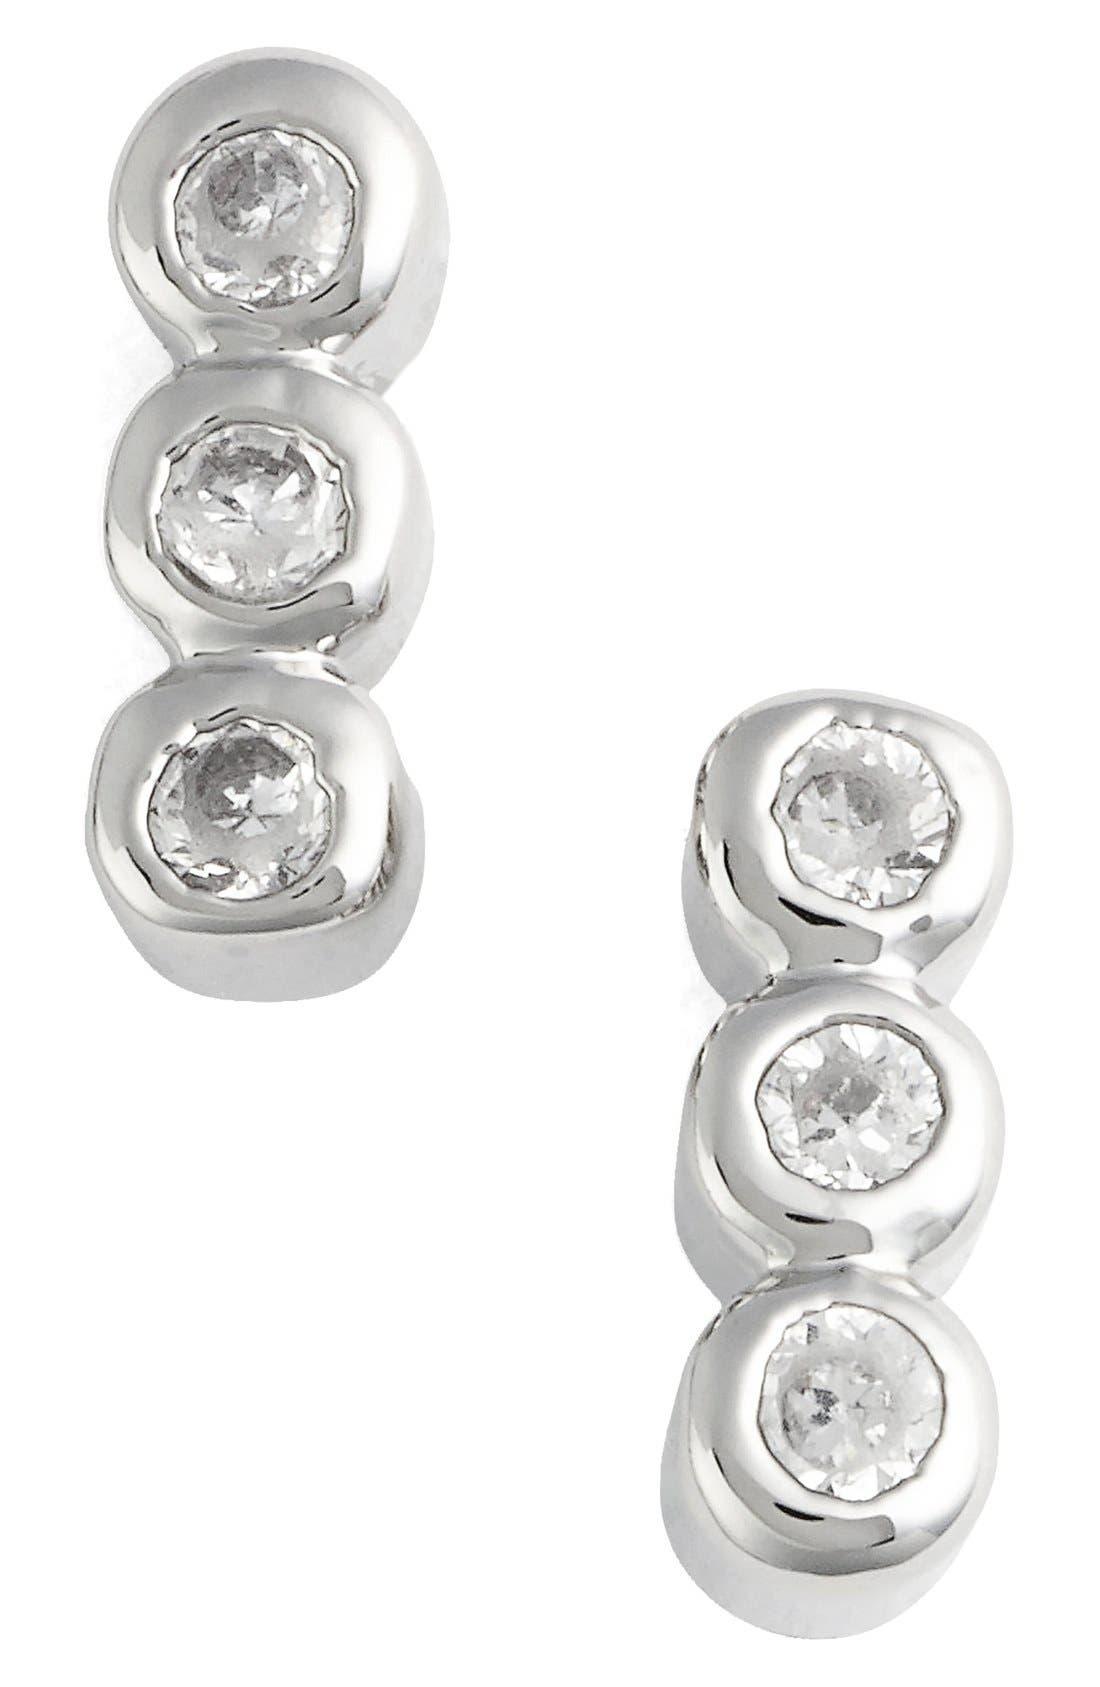 Triple Bezel Stud Earrings,                         Main,                         color, Silver/ Clear